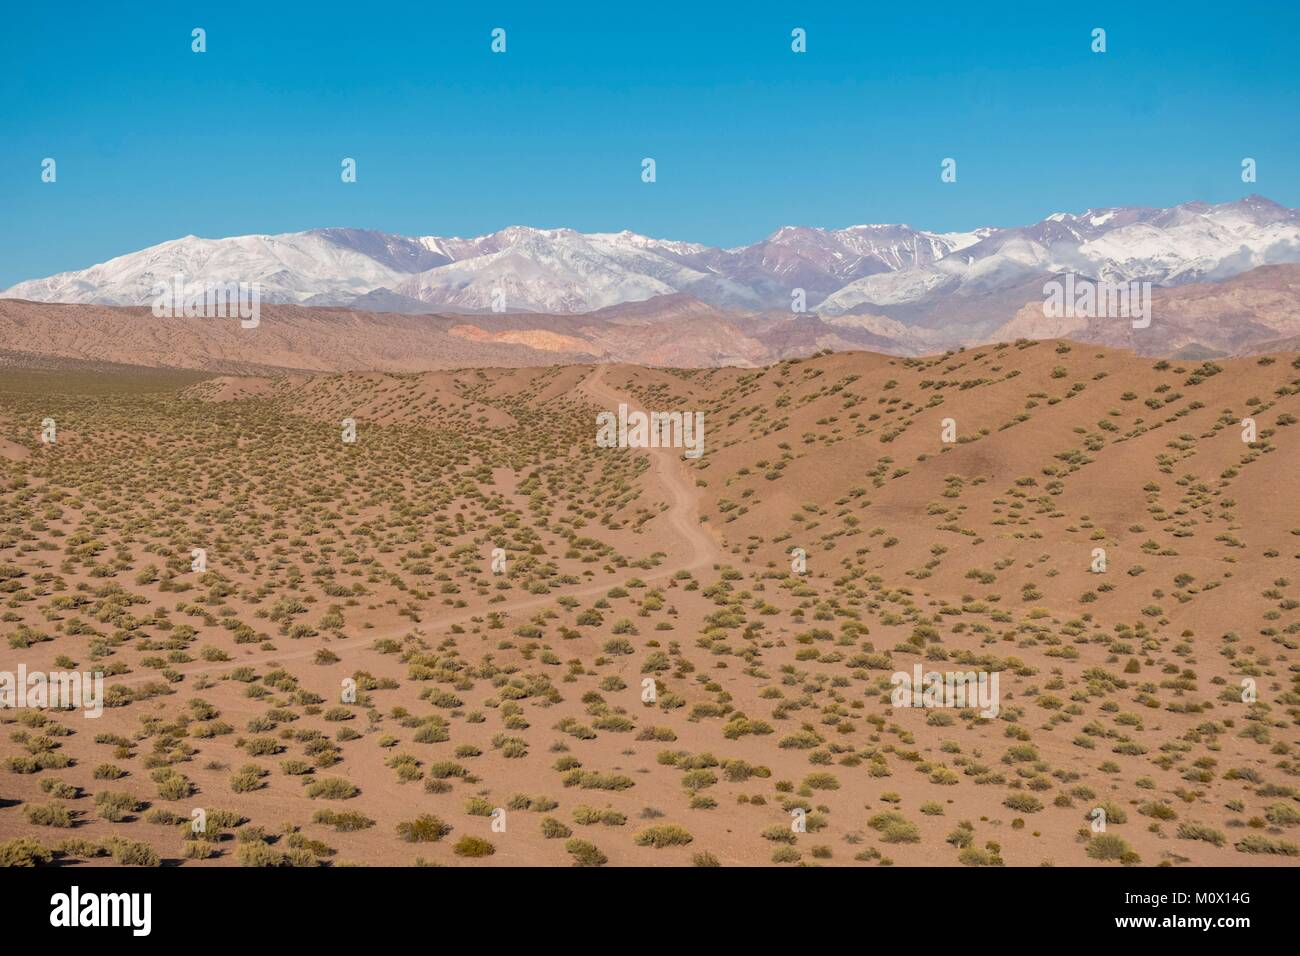 Argentina,San Juan province,Calingasta,Rio Calingasta valley - Stock Image